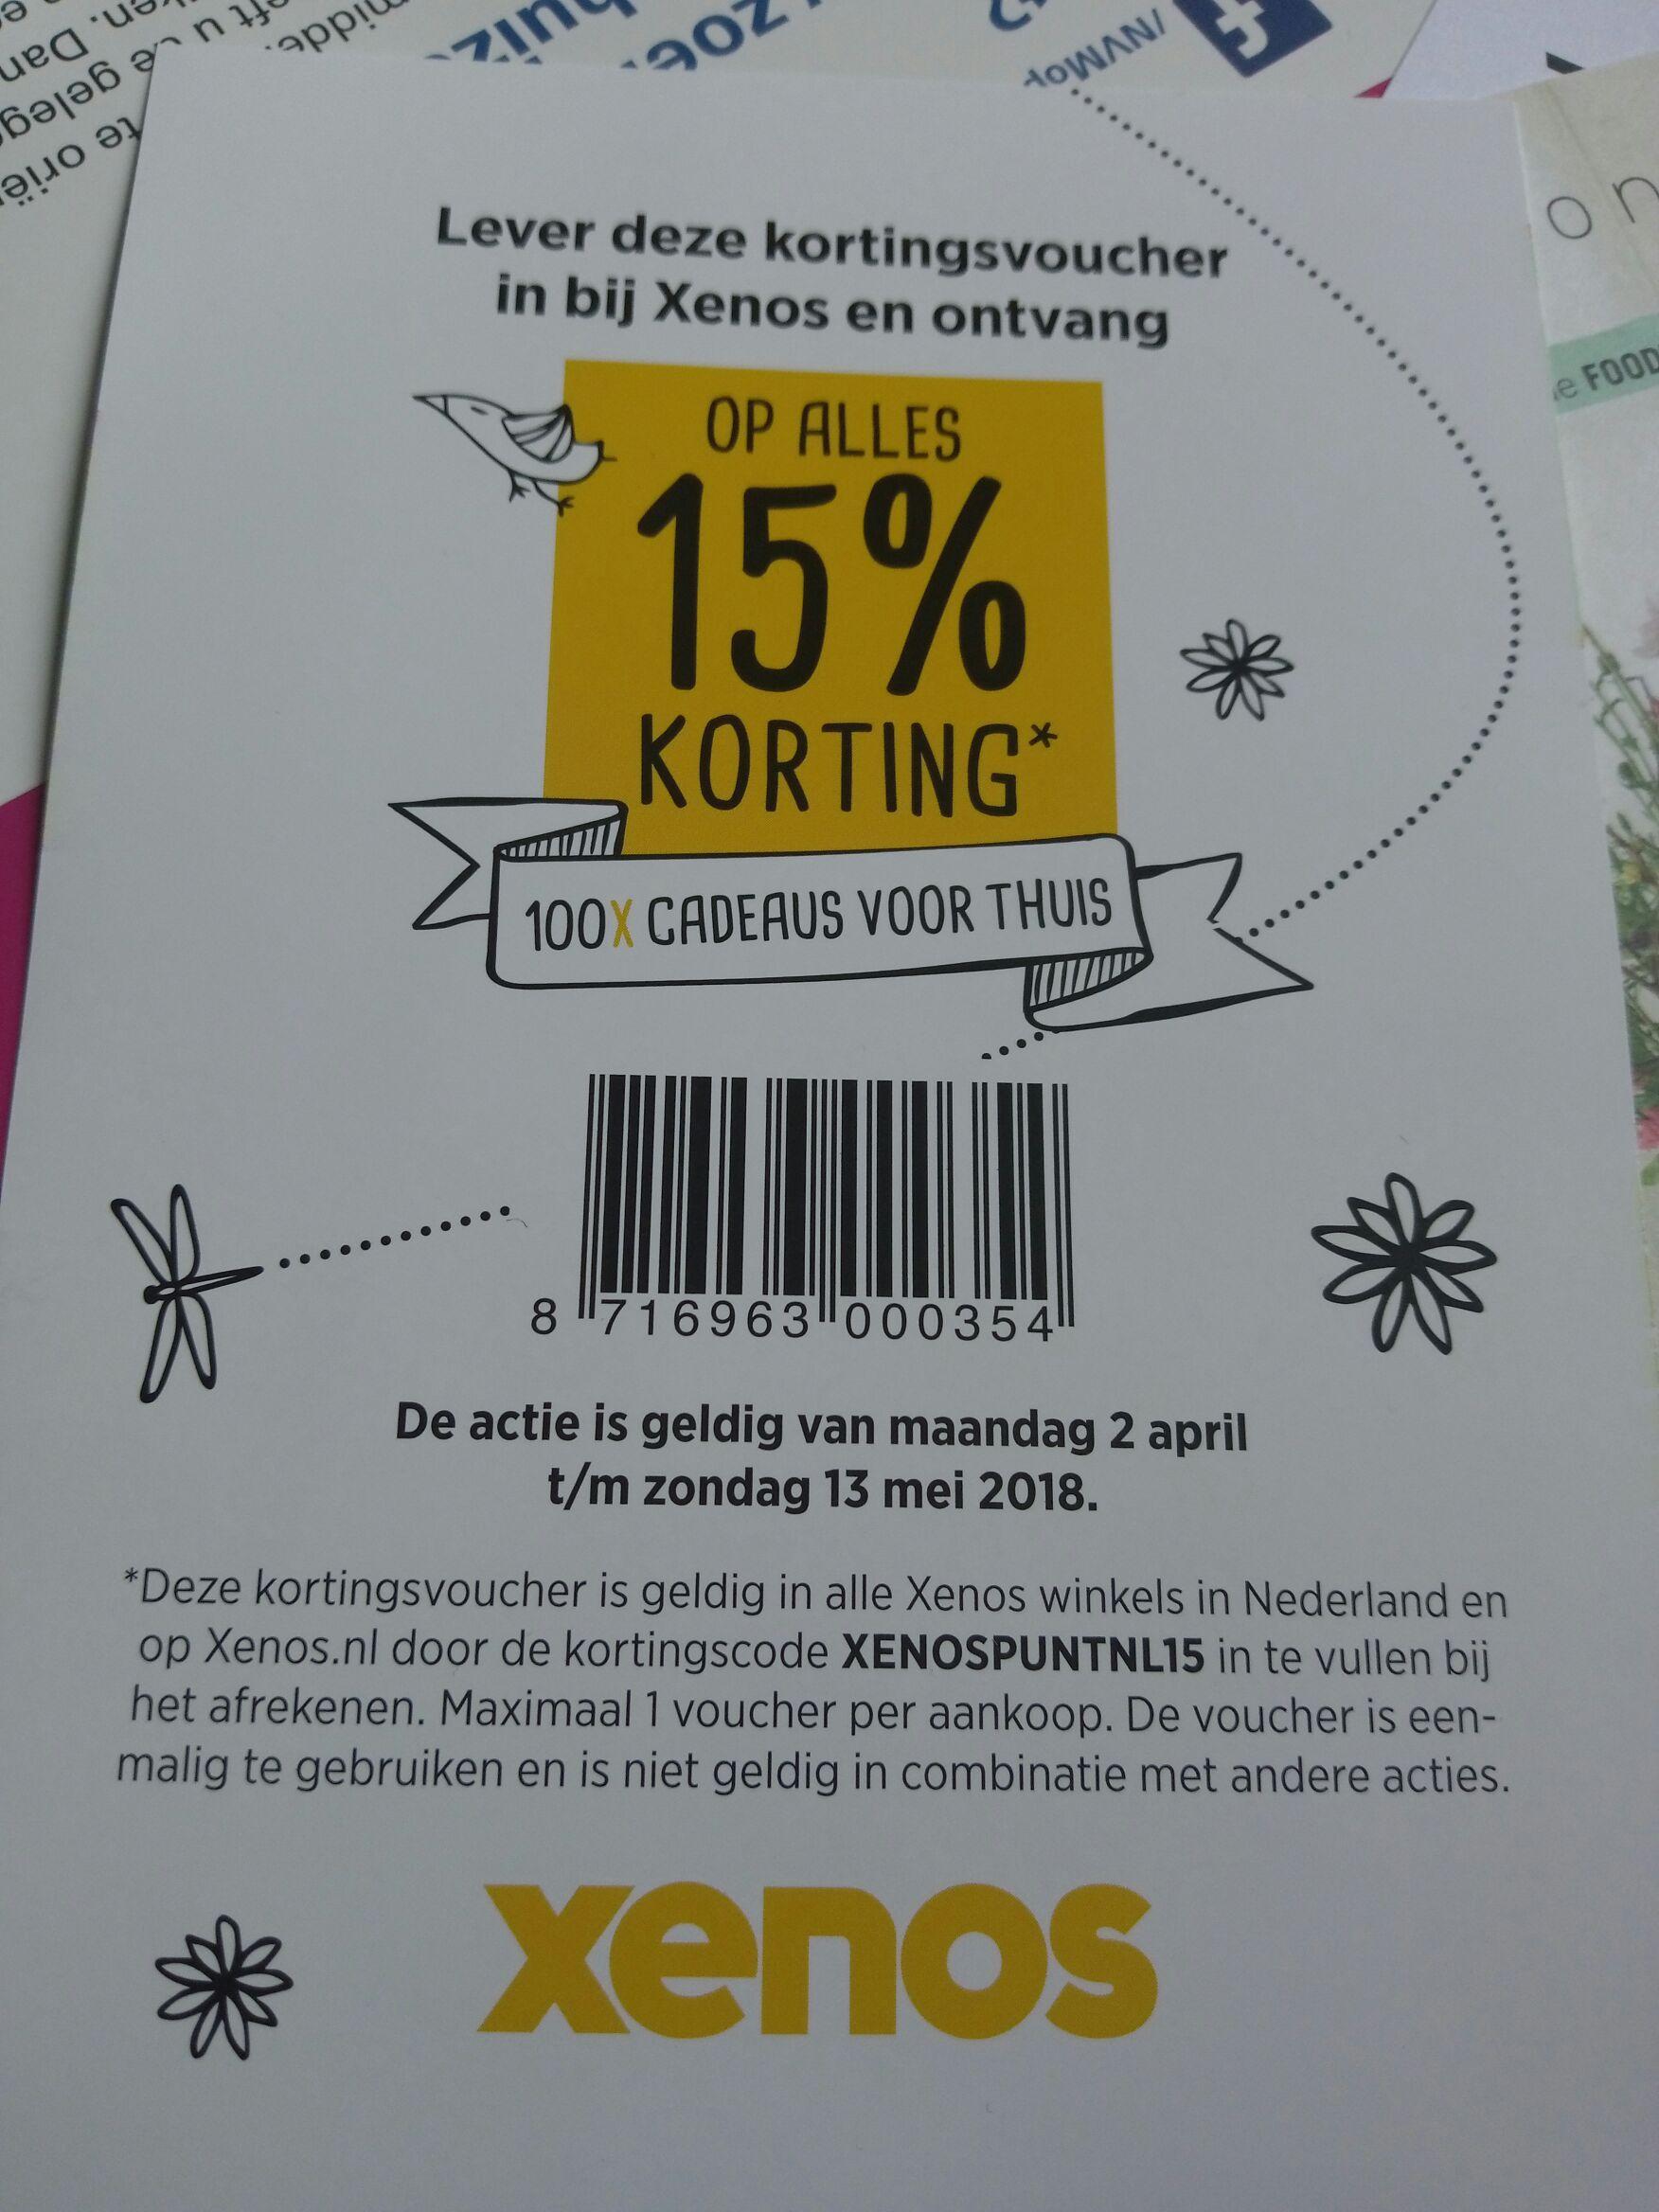 15% korting op alles bij Xenos